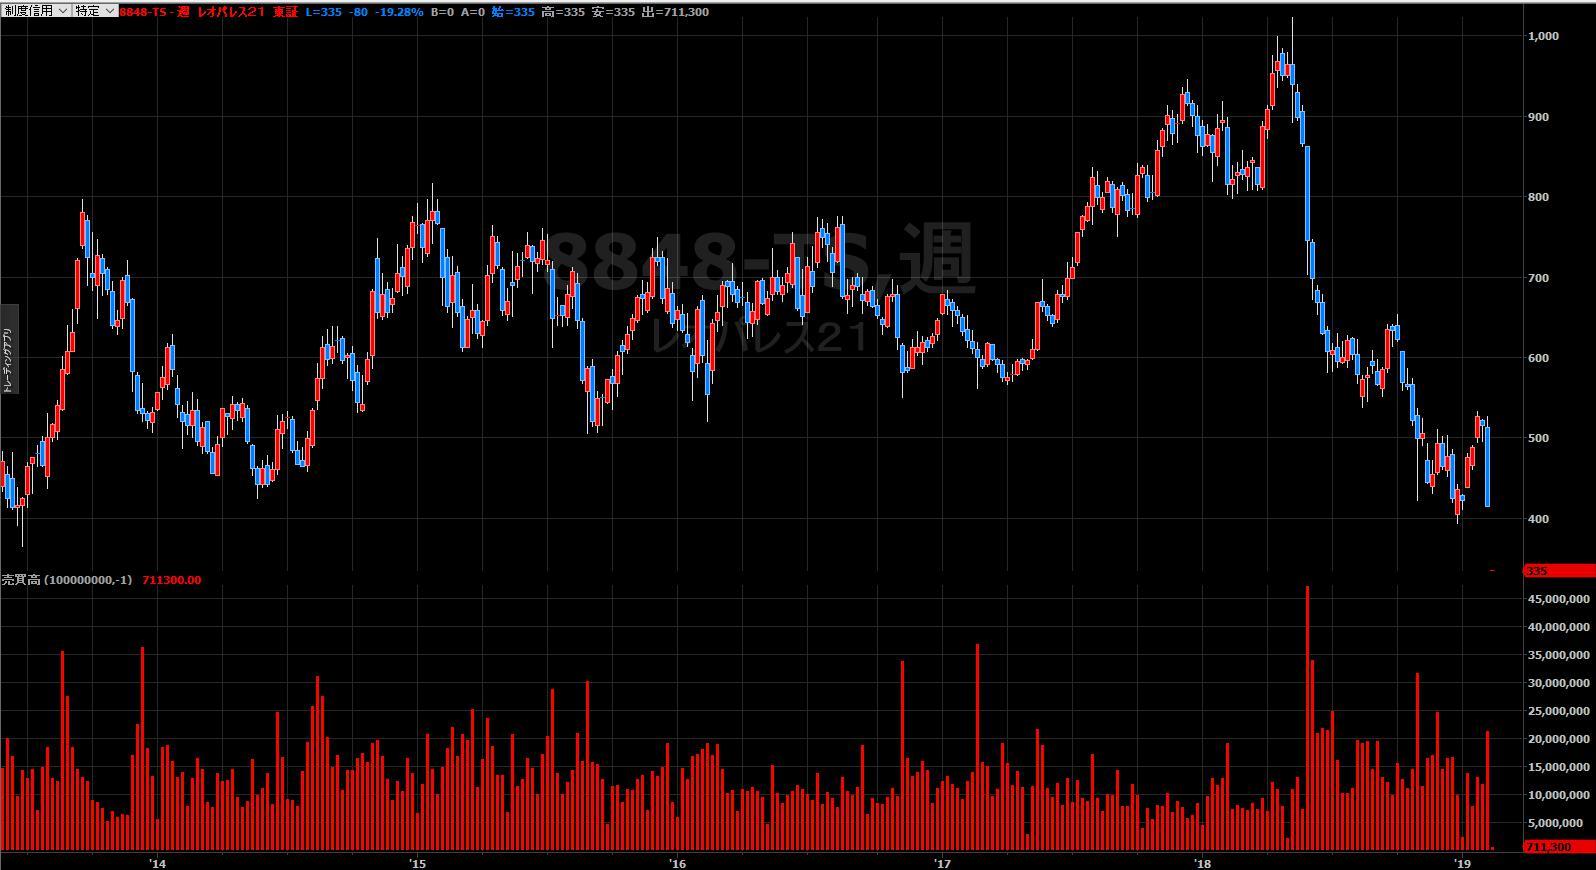 レオパレス株価: レオパレスは赤字だが倒産リスクは顕在化せず、ただし過去に